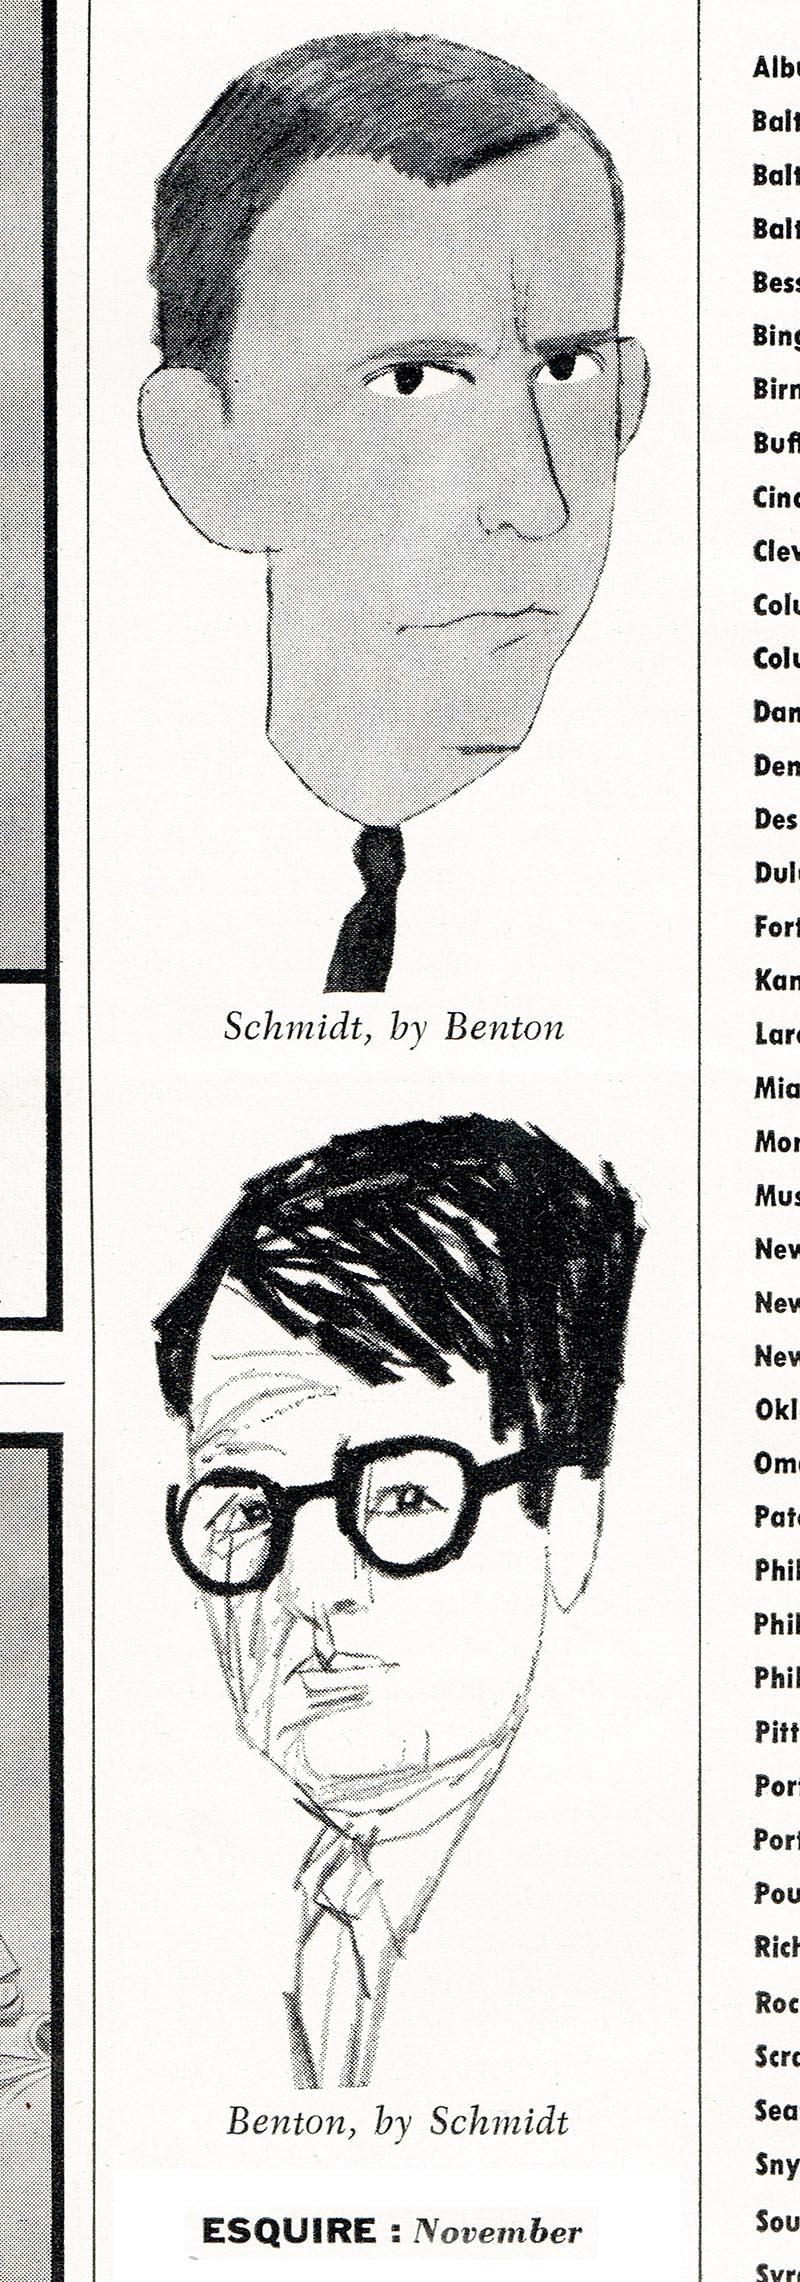 Schmidt47